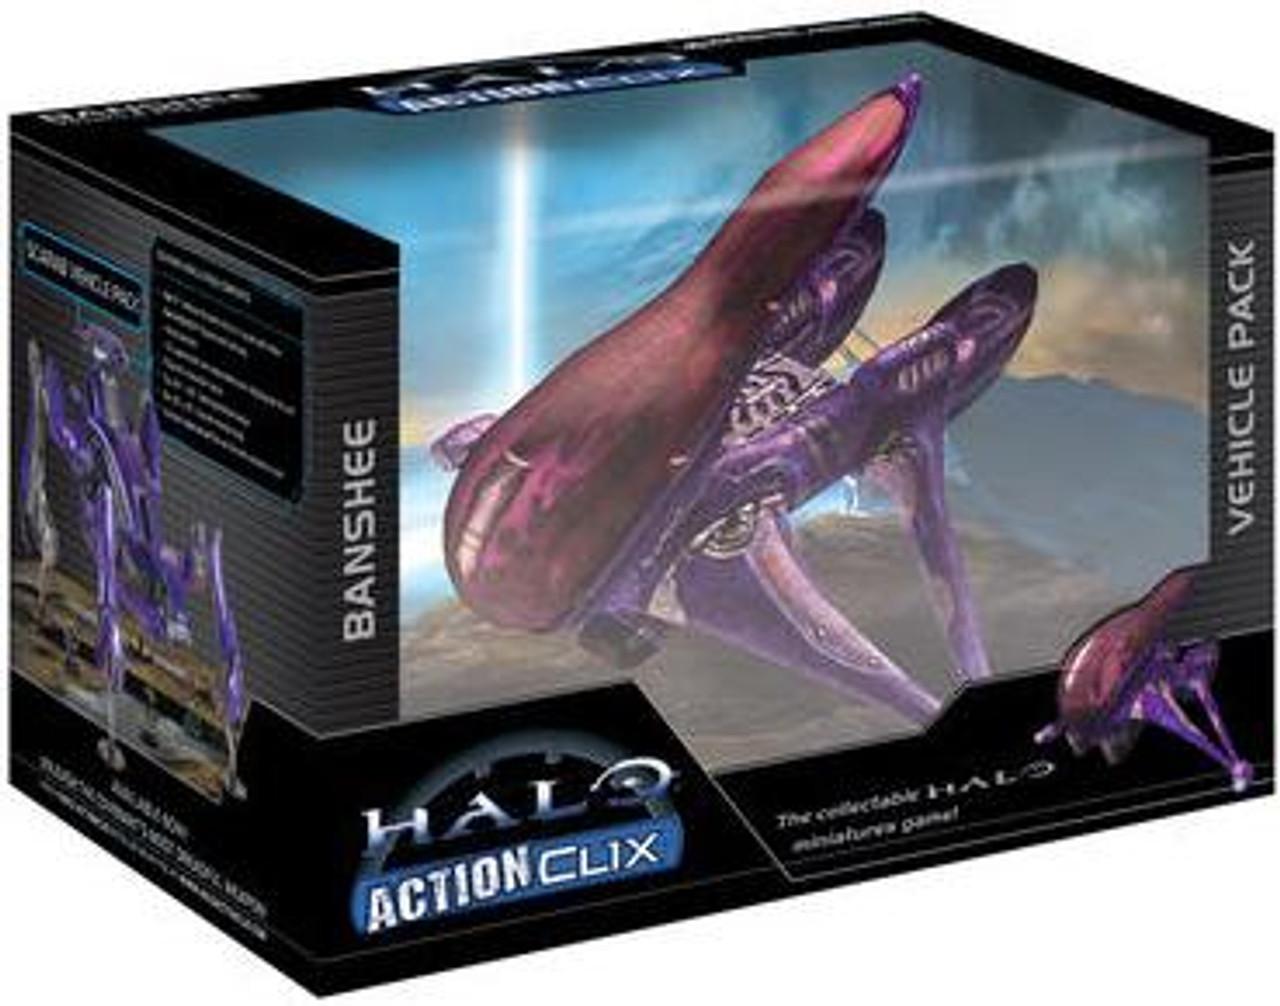 Halo ActionClix Banshee Vehicle Pack